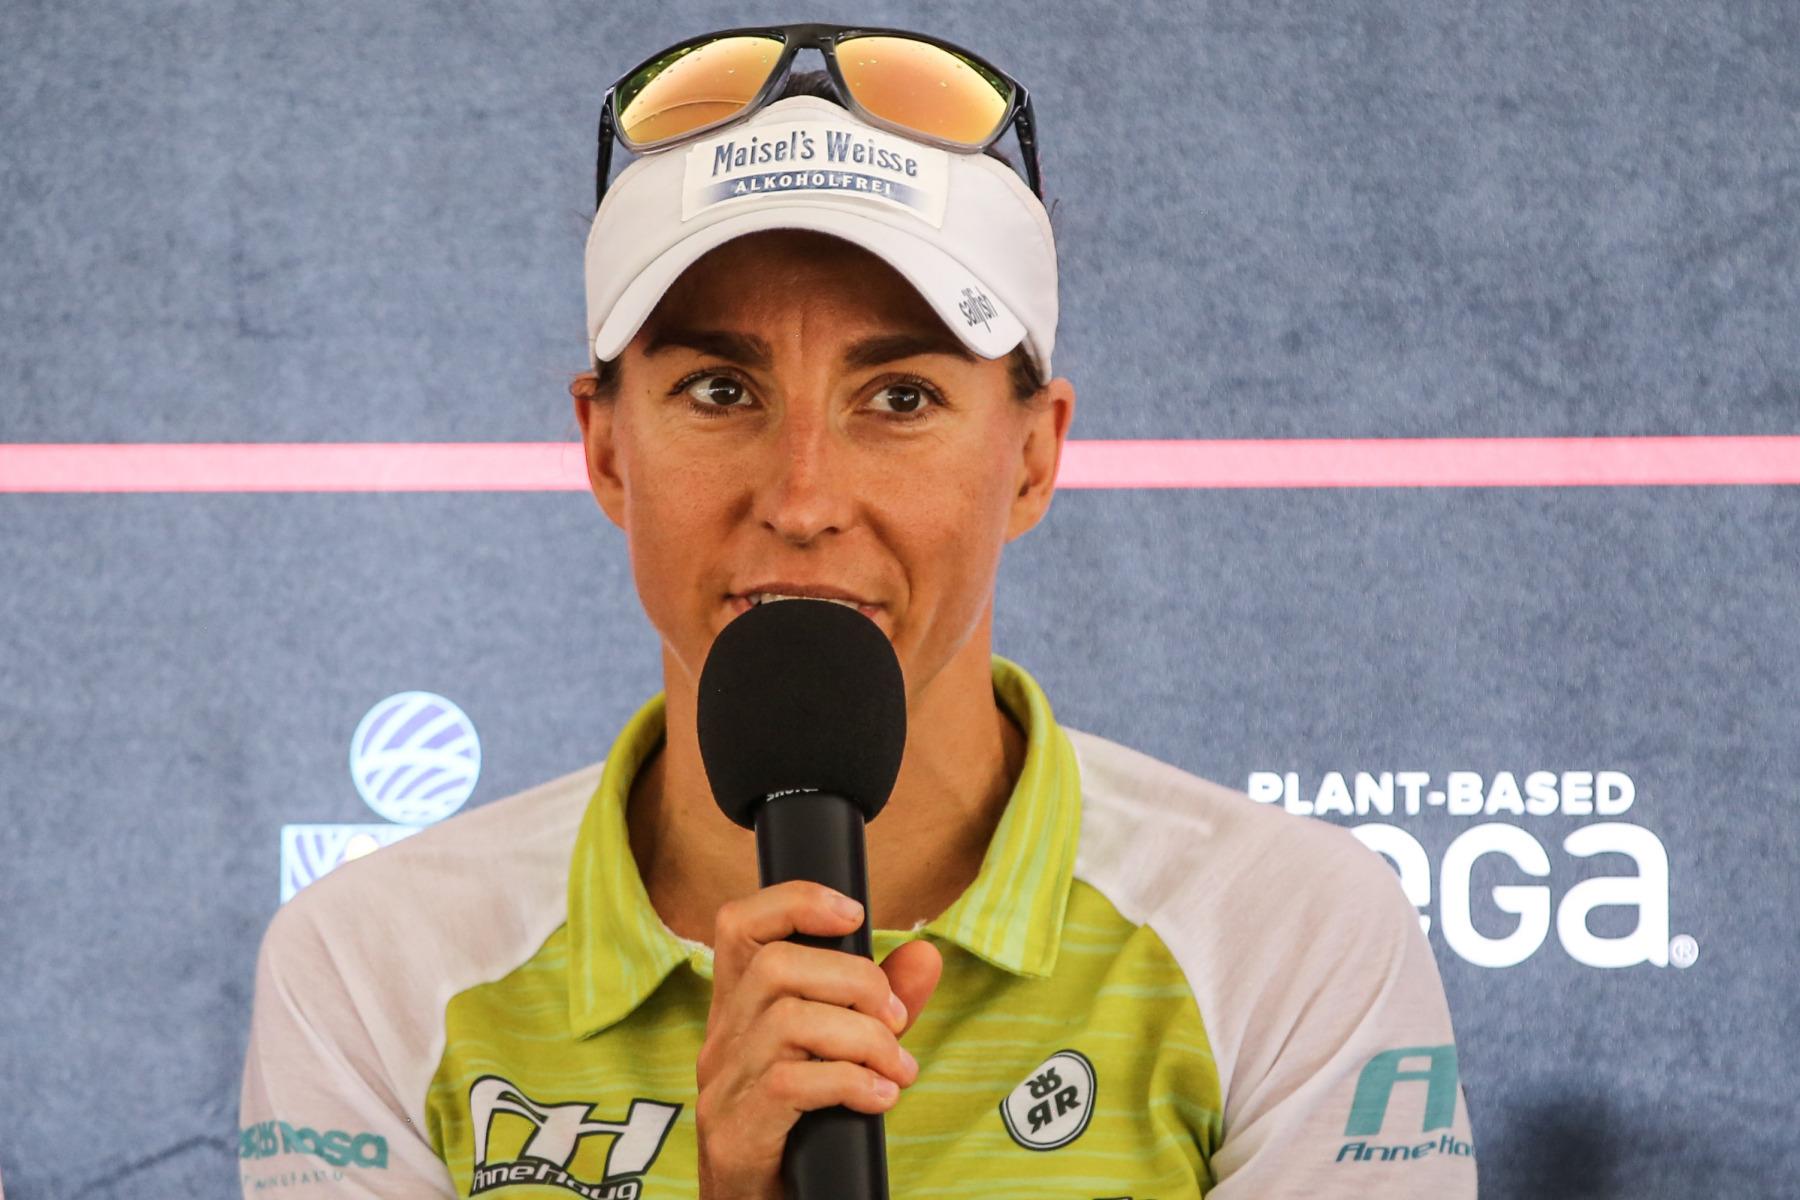 """Anne Haug (3. Platz 2018): """"Das Rennen in Kopenhagen hat mich nach der schwierigen Saison selbst überrascht. Ich bin selbstbewusst und habe Vertrauen in meine Leistung, aber die Rennen lassen sich nicht vergleichen. Hawaii ist speziell mit den Bedingungen und dieser starken Konkurrenz."""""""